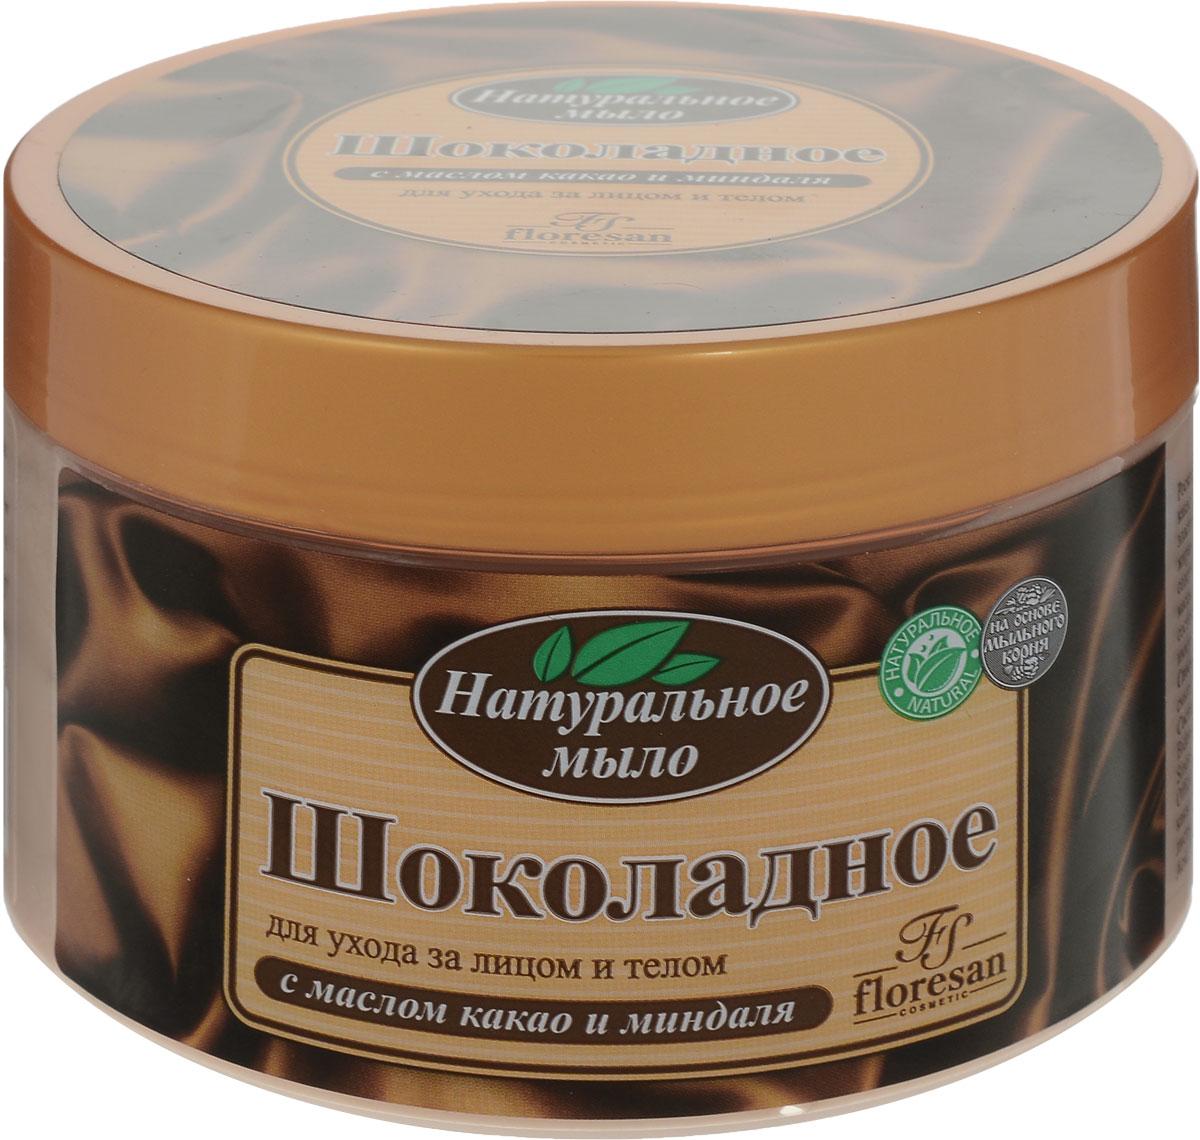 """Floresan Натуральное мыло для ухода за лицом и телом """"Шоколадное"""" с маслом какао и миндаля, 450 мл"""